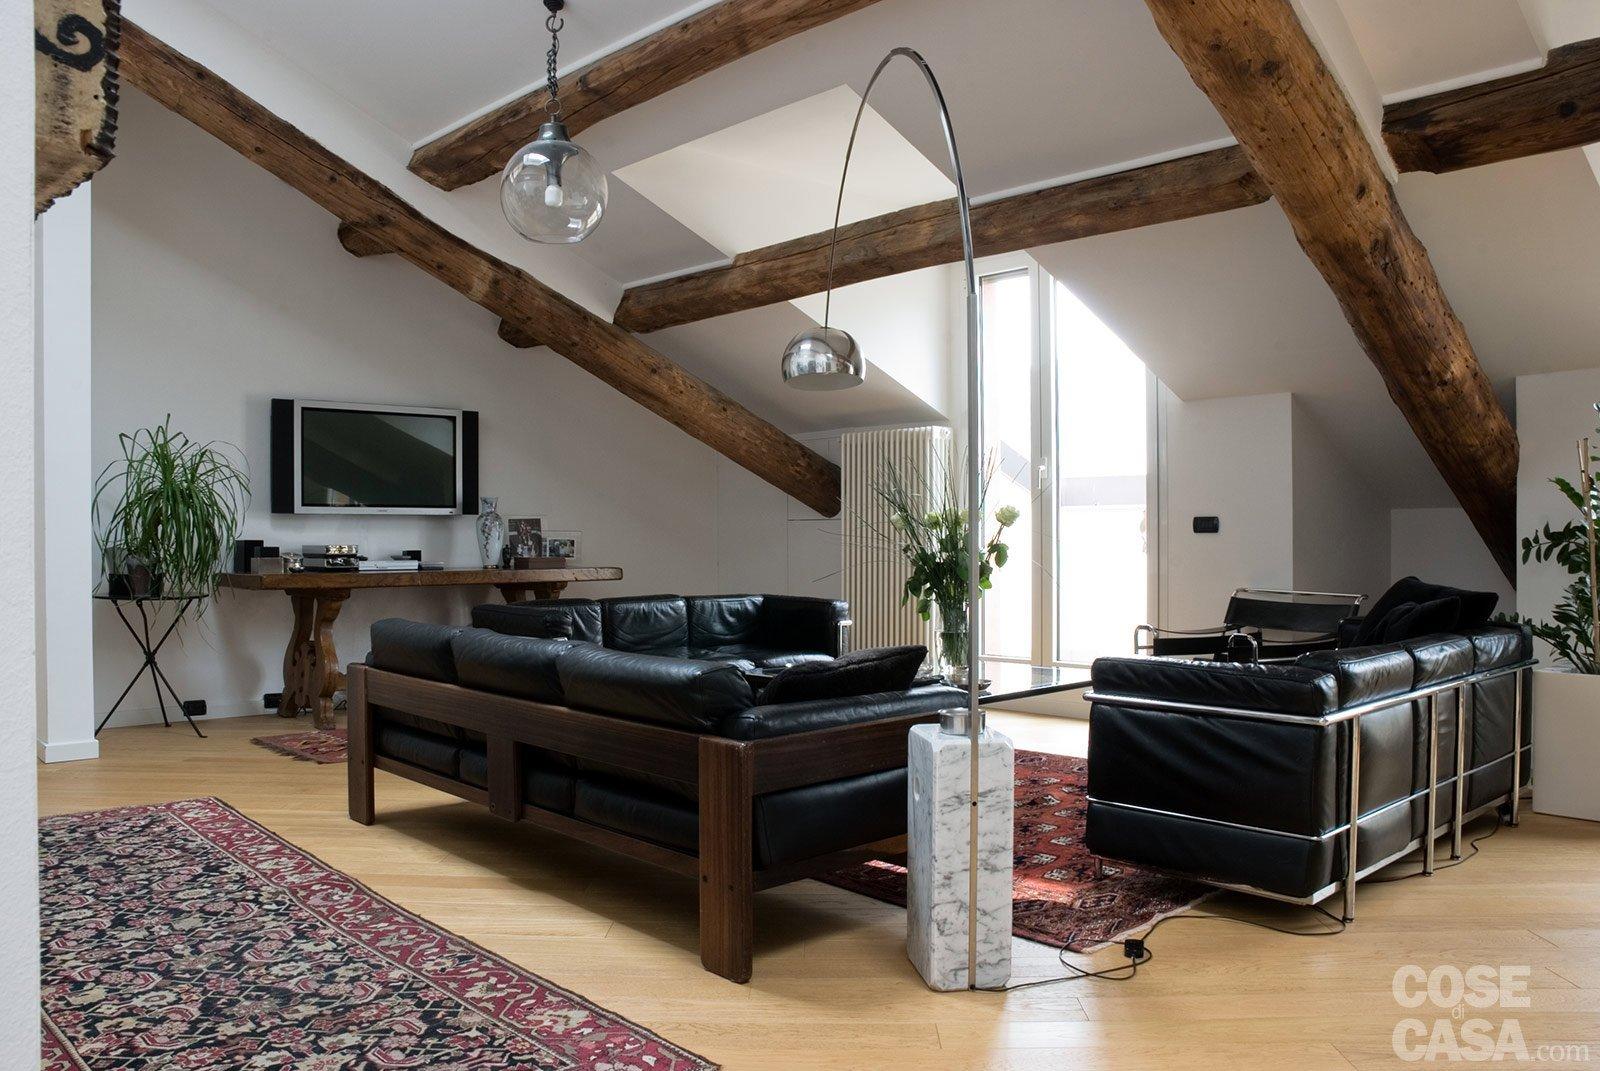 Illuminazione Soffitto Cartongesso: 2100 incasso a soffitto ...